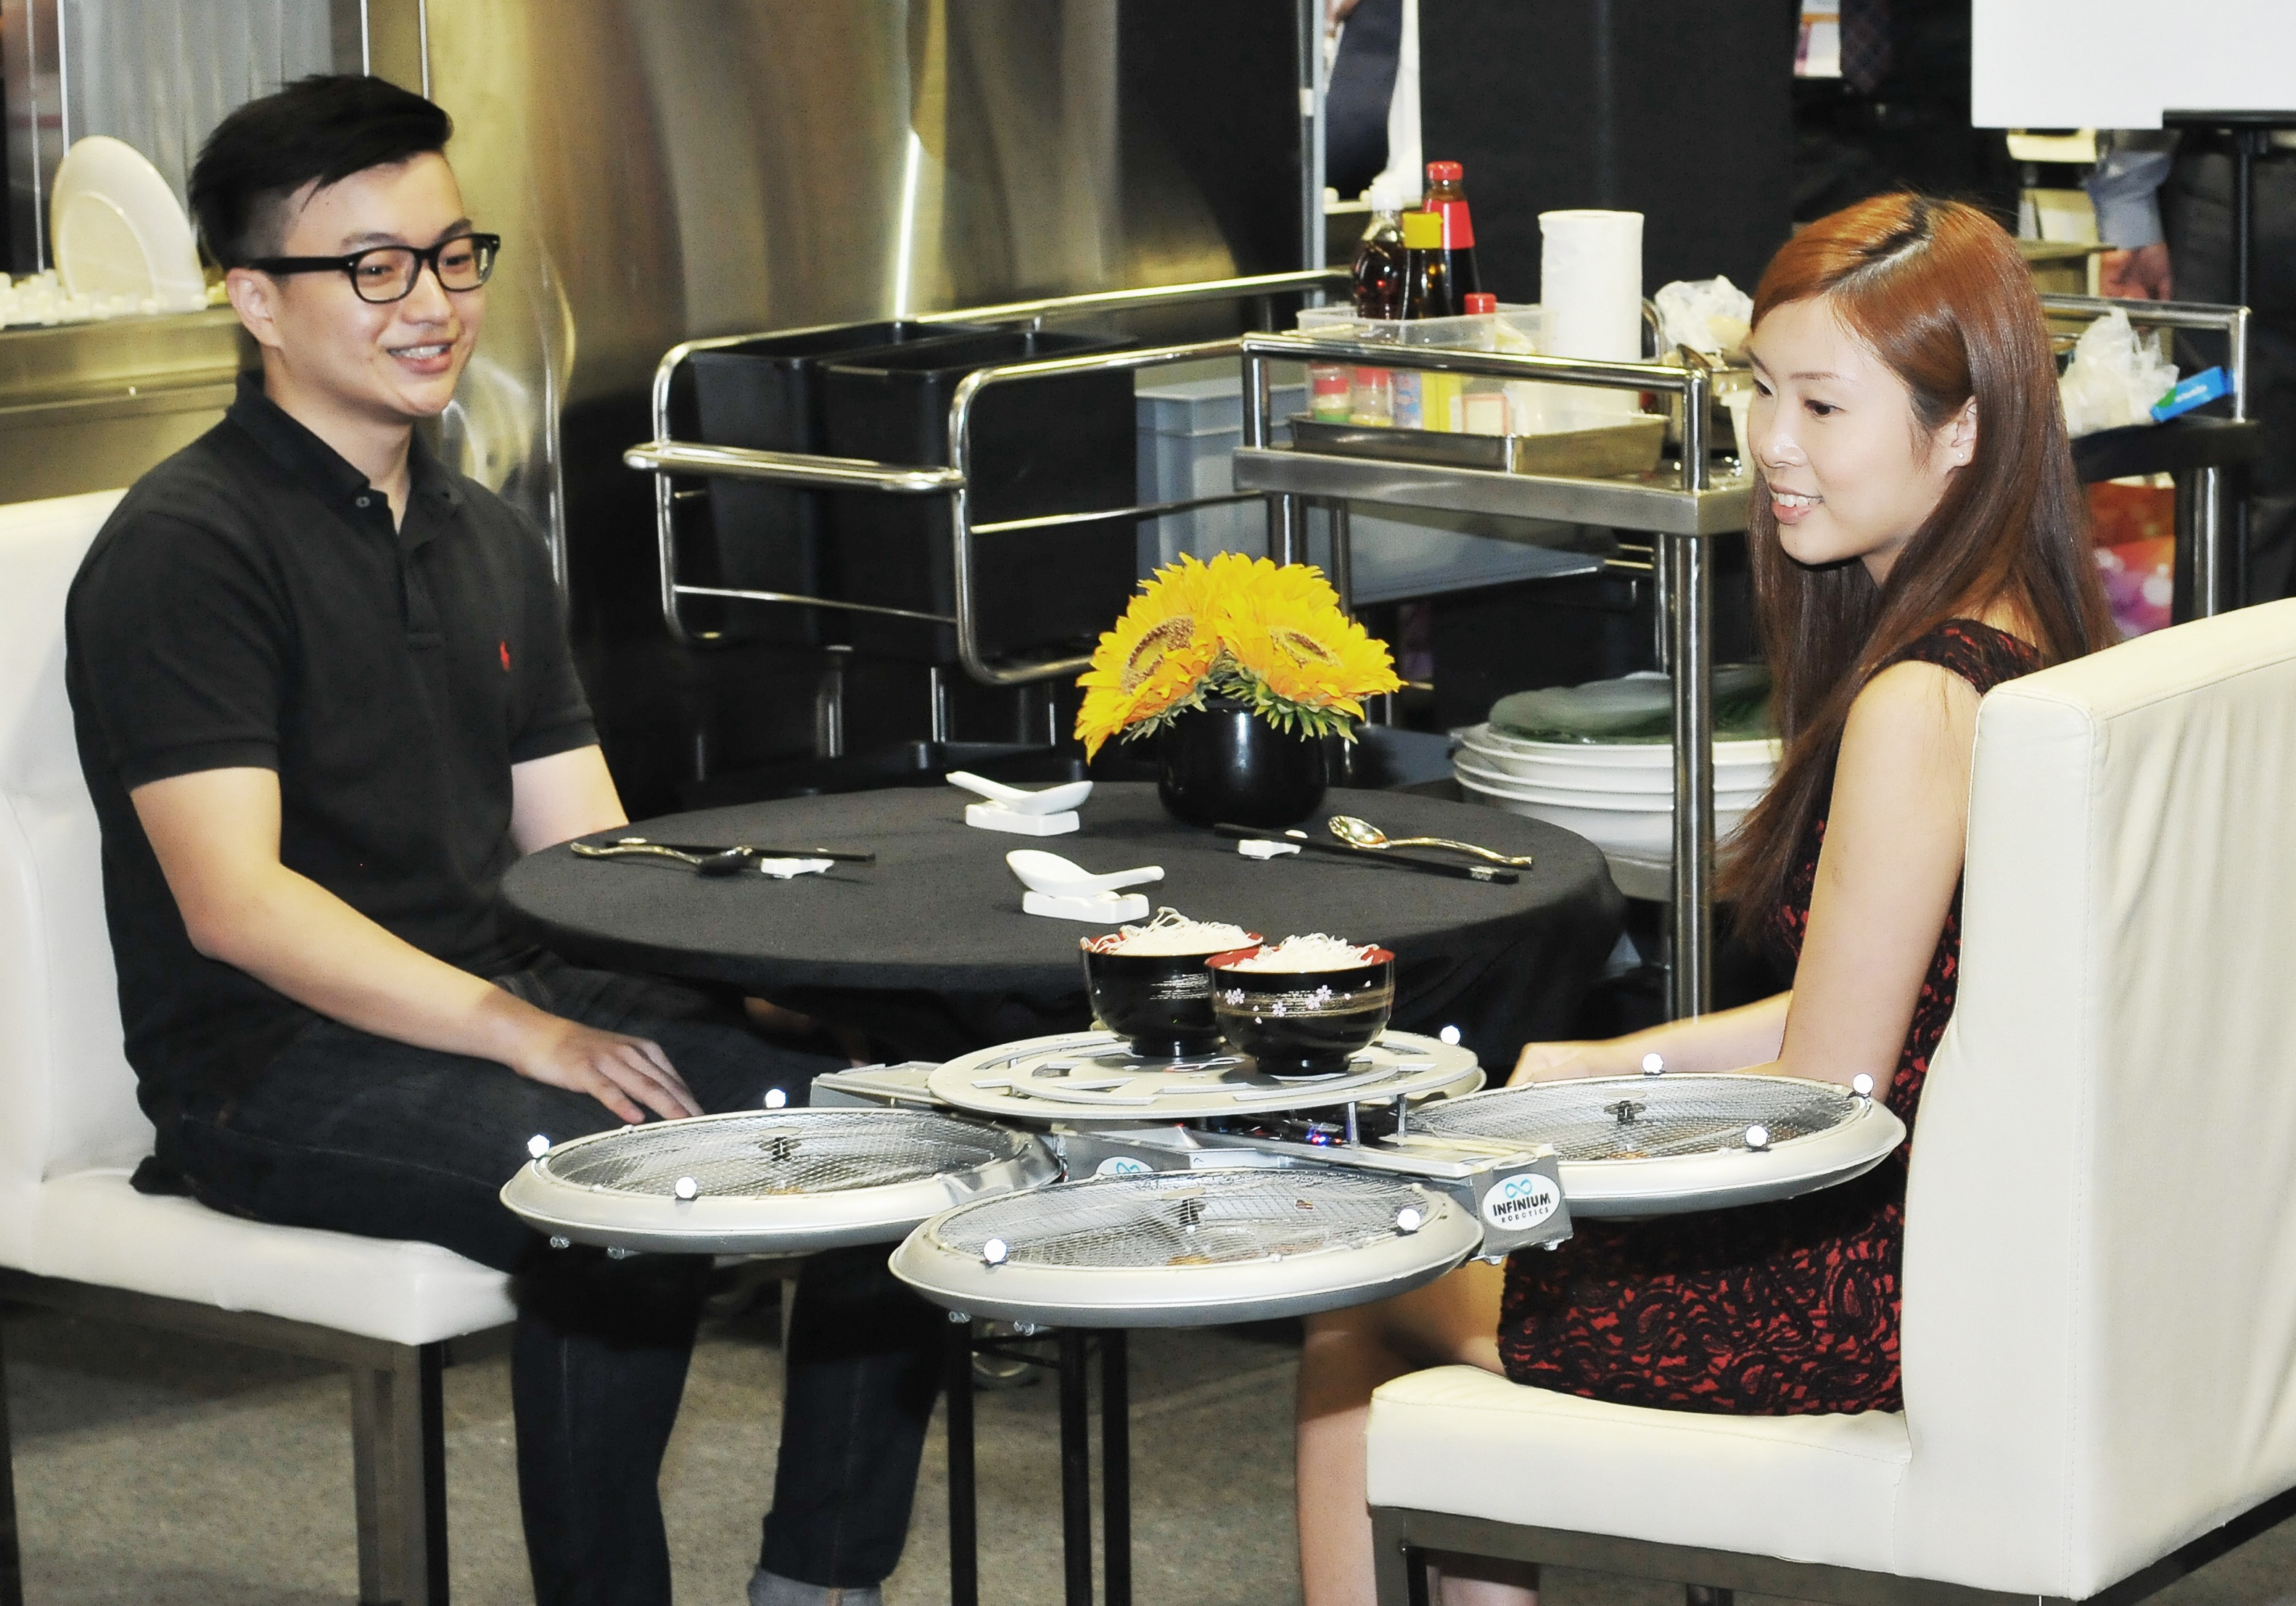 Singapūro virtuvė: skraidantys robotai ir egzotiškos tradicijos